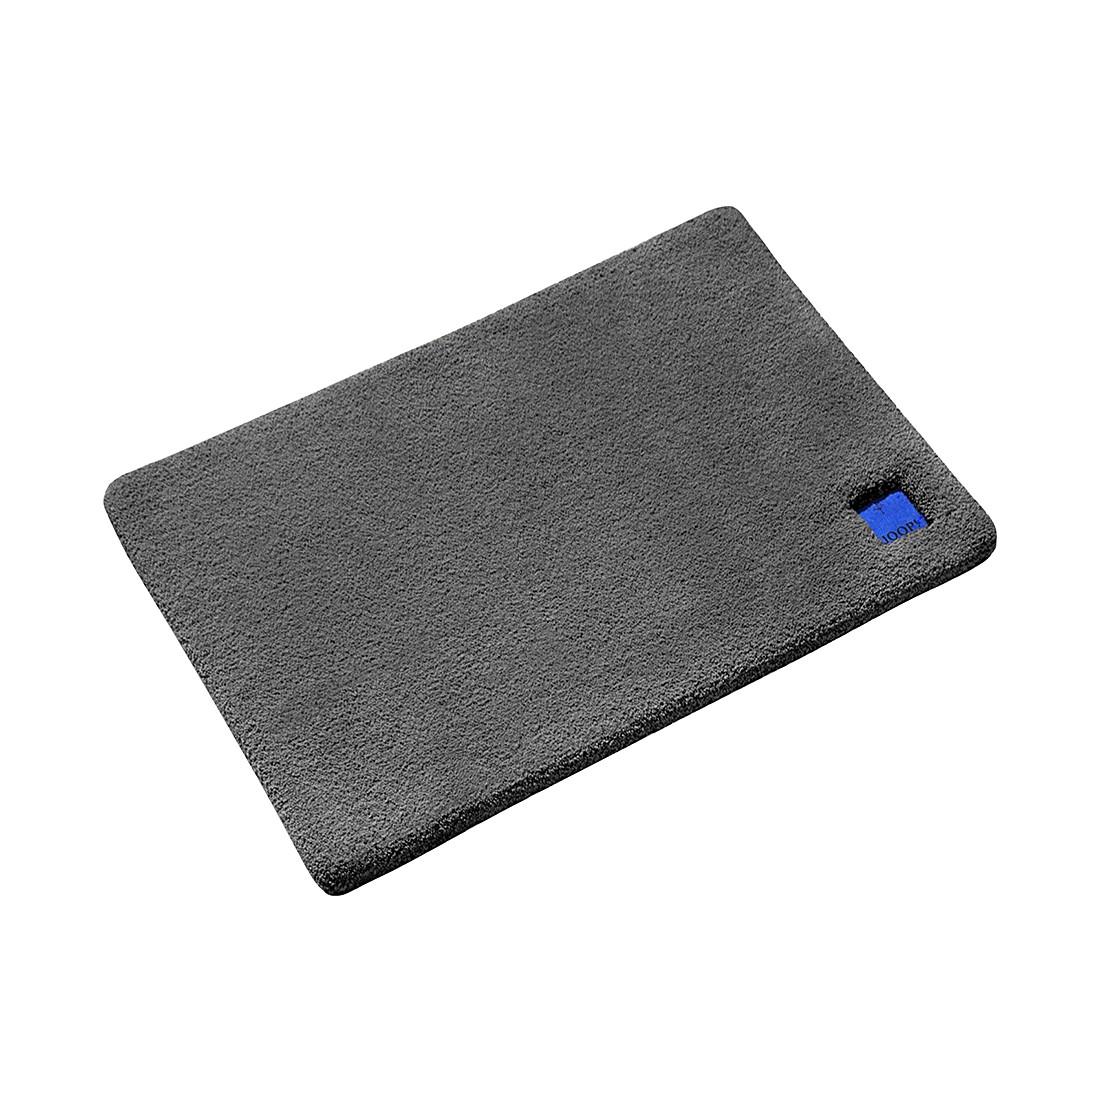 Badteppiche New Basic – Polyamid – Anthrazit – 70×120 cm, Joop bestellen